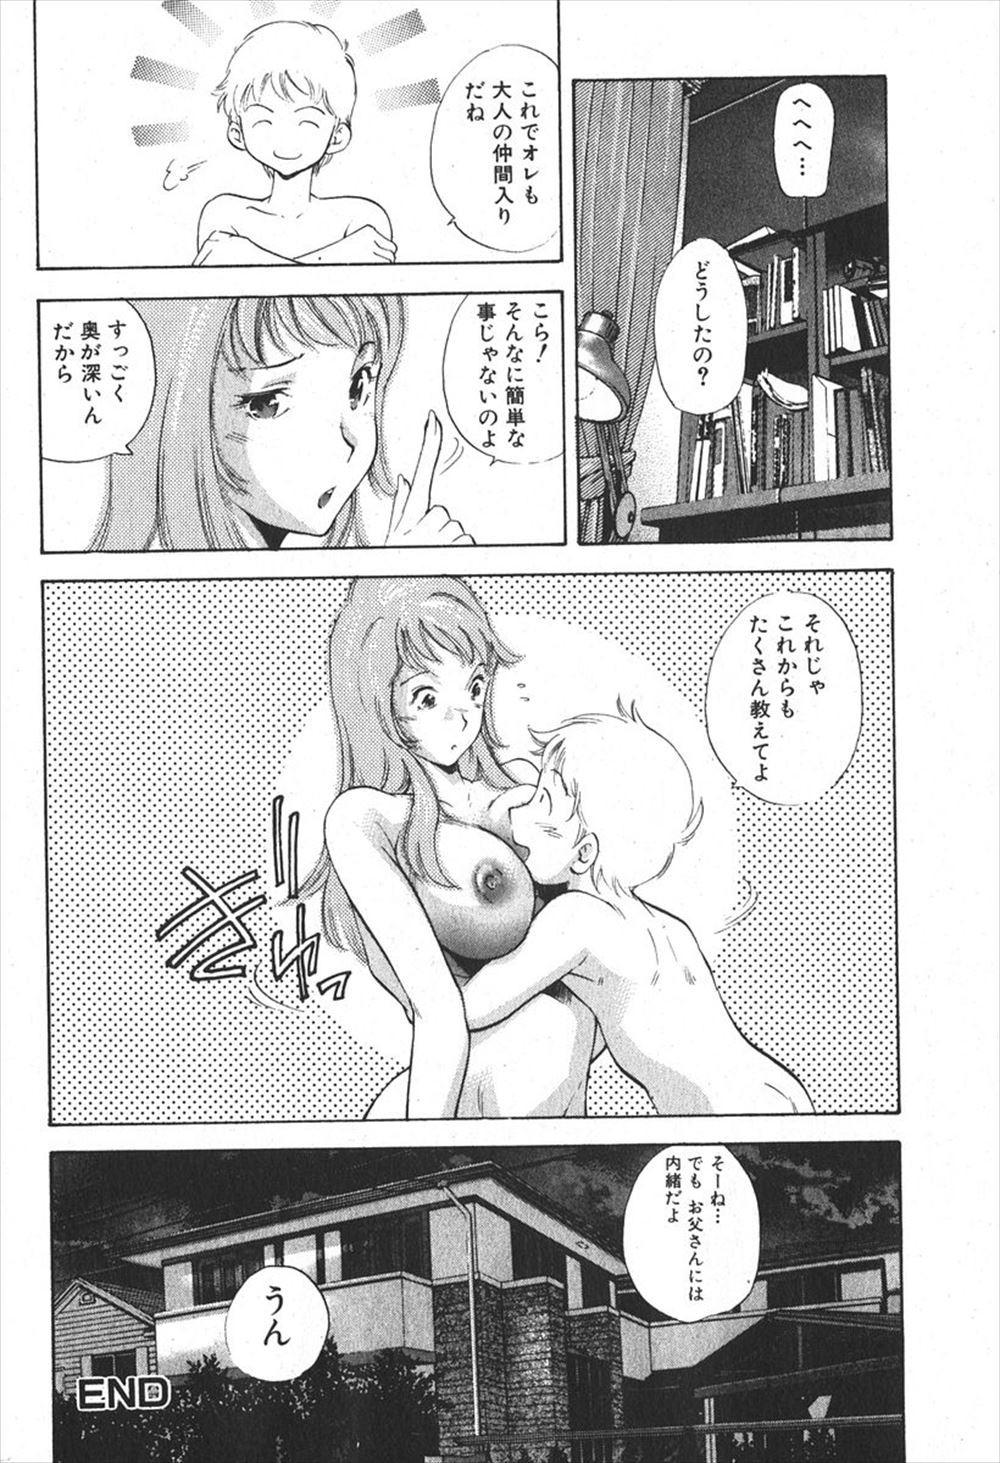 【エロ漫画】友達が家に持ってきたヌード写真が母に似ていて勃起してしまい、それが母にバレて親子セックス! 016